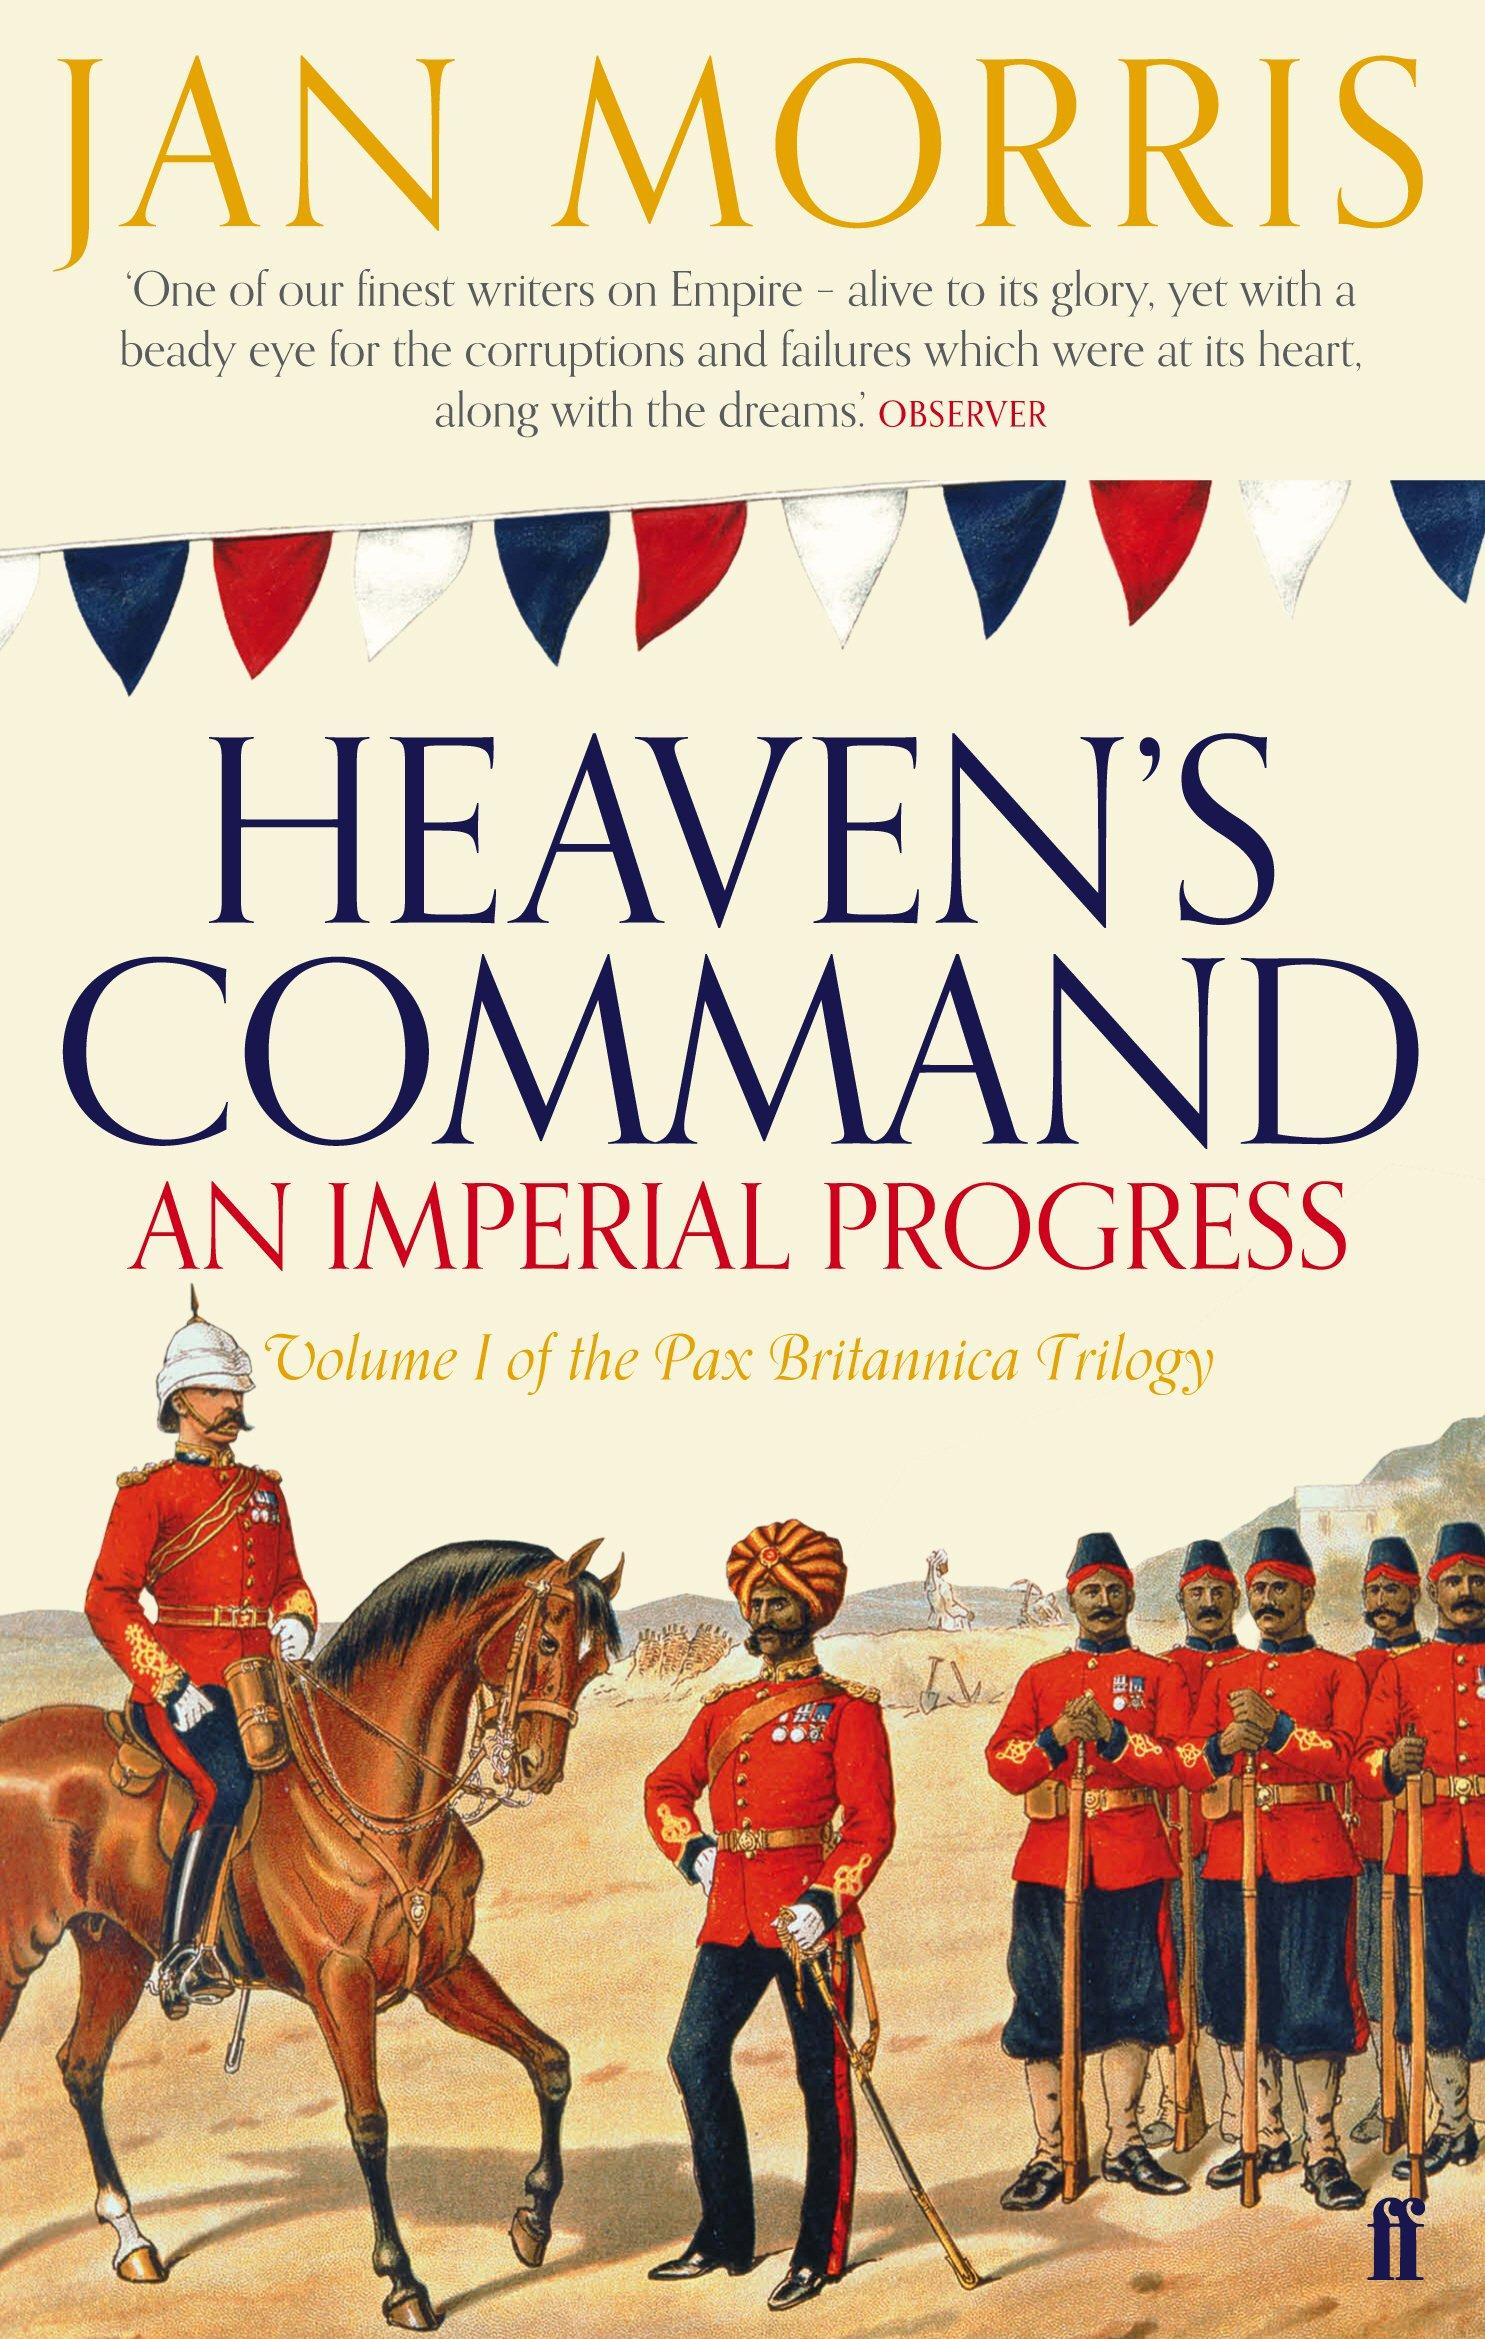 'Heaven's Command' by Jan Morris